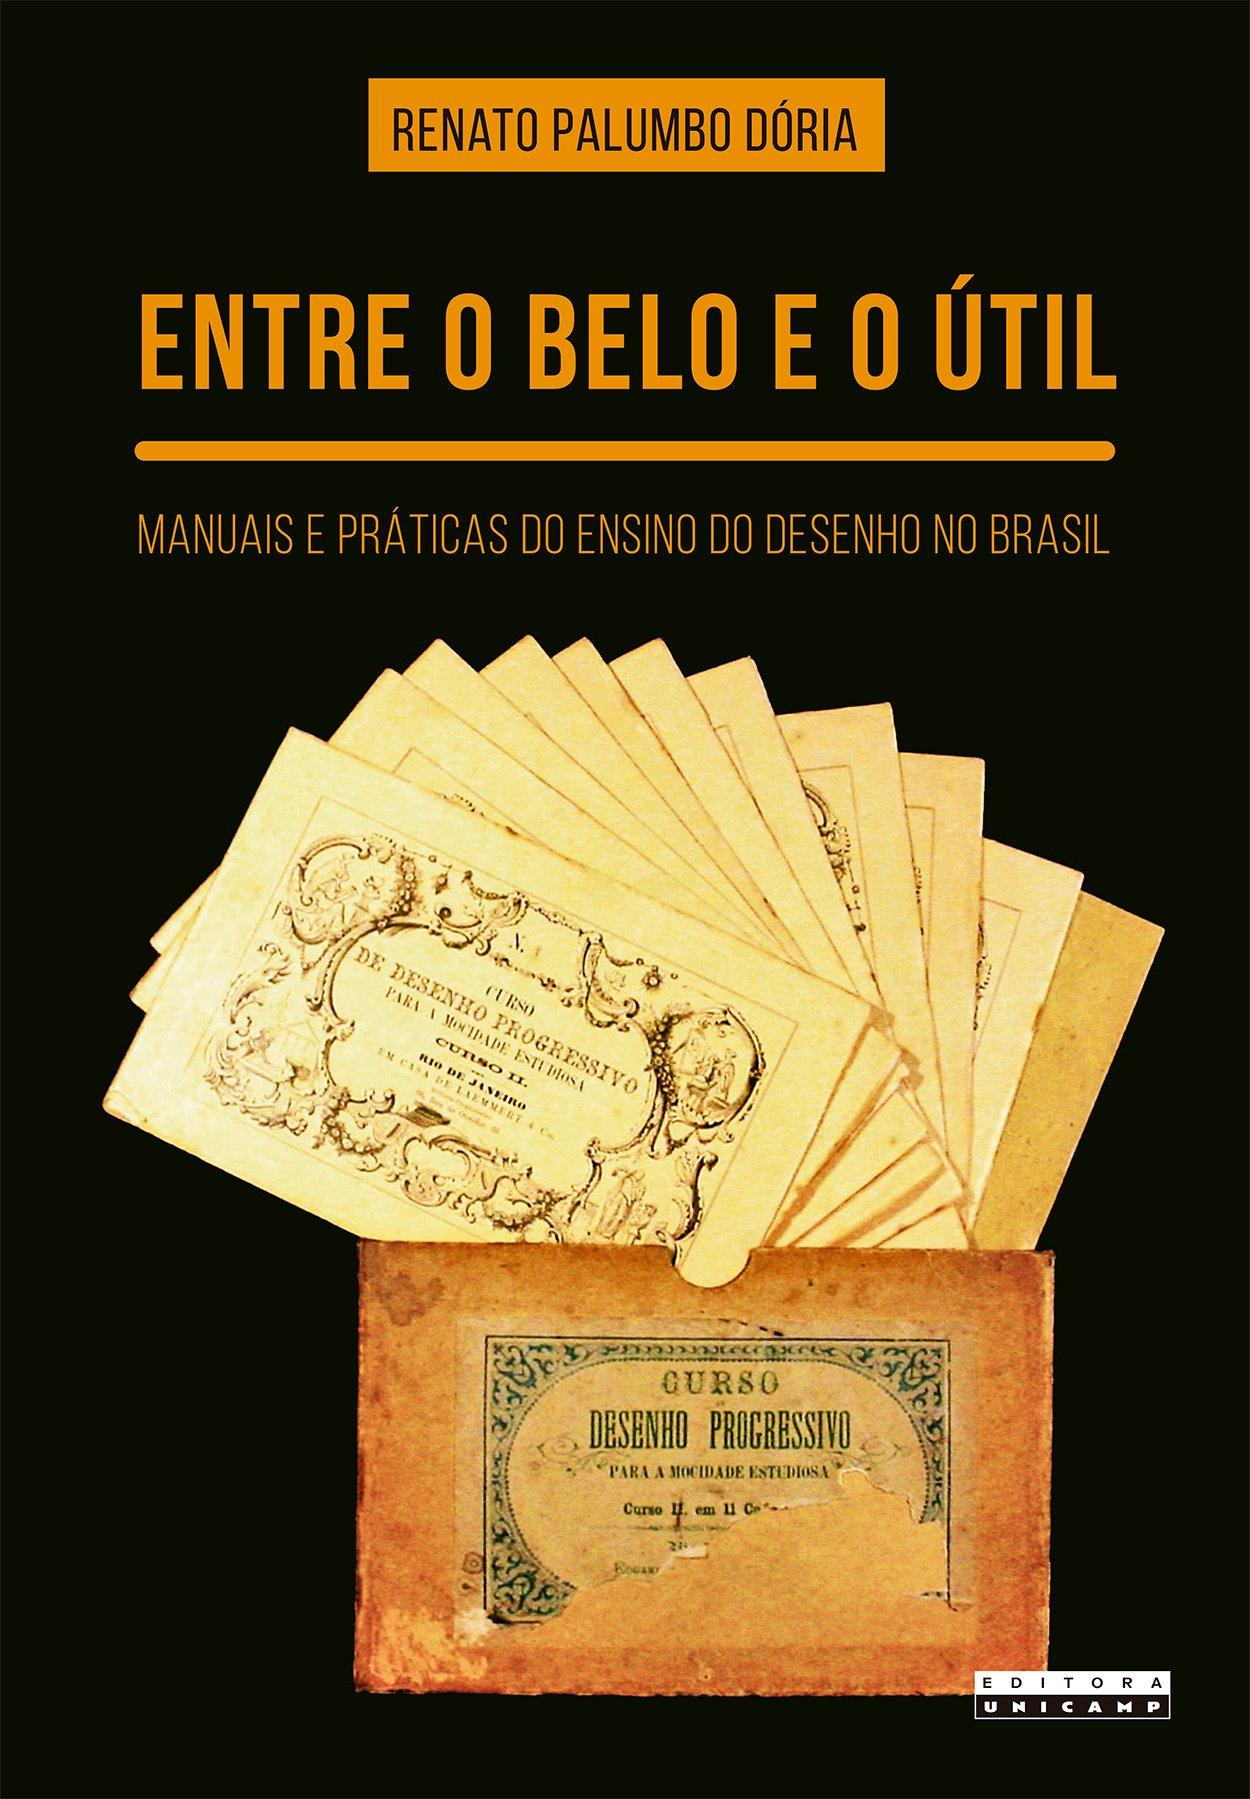 Entre o belo e o útil. Manuais e práticas do ensino do desenho no Brasil, livro de Renato Palumbo Dória